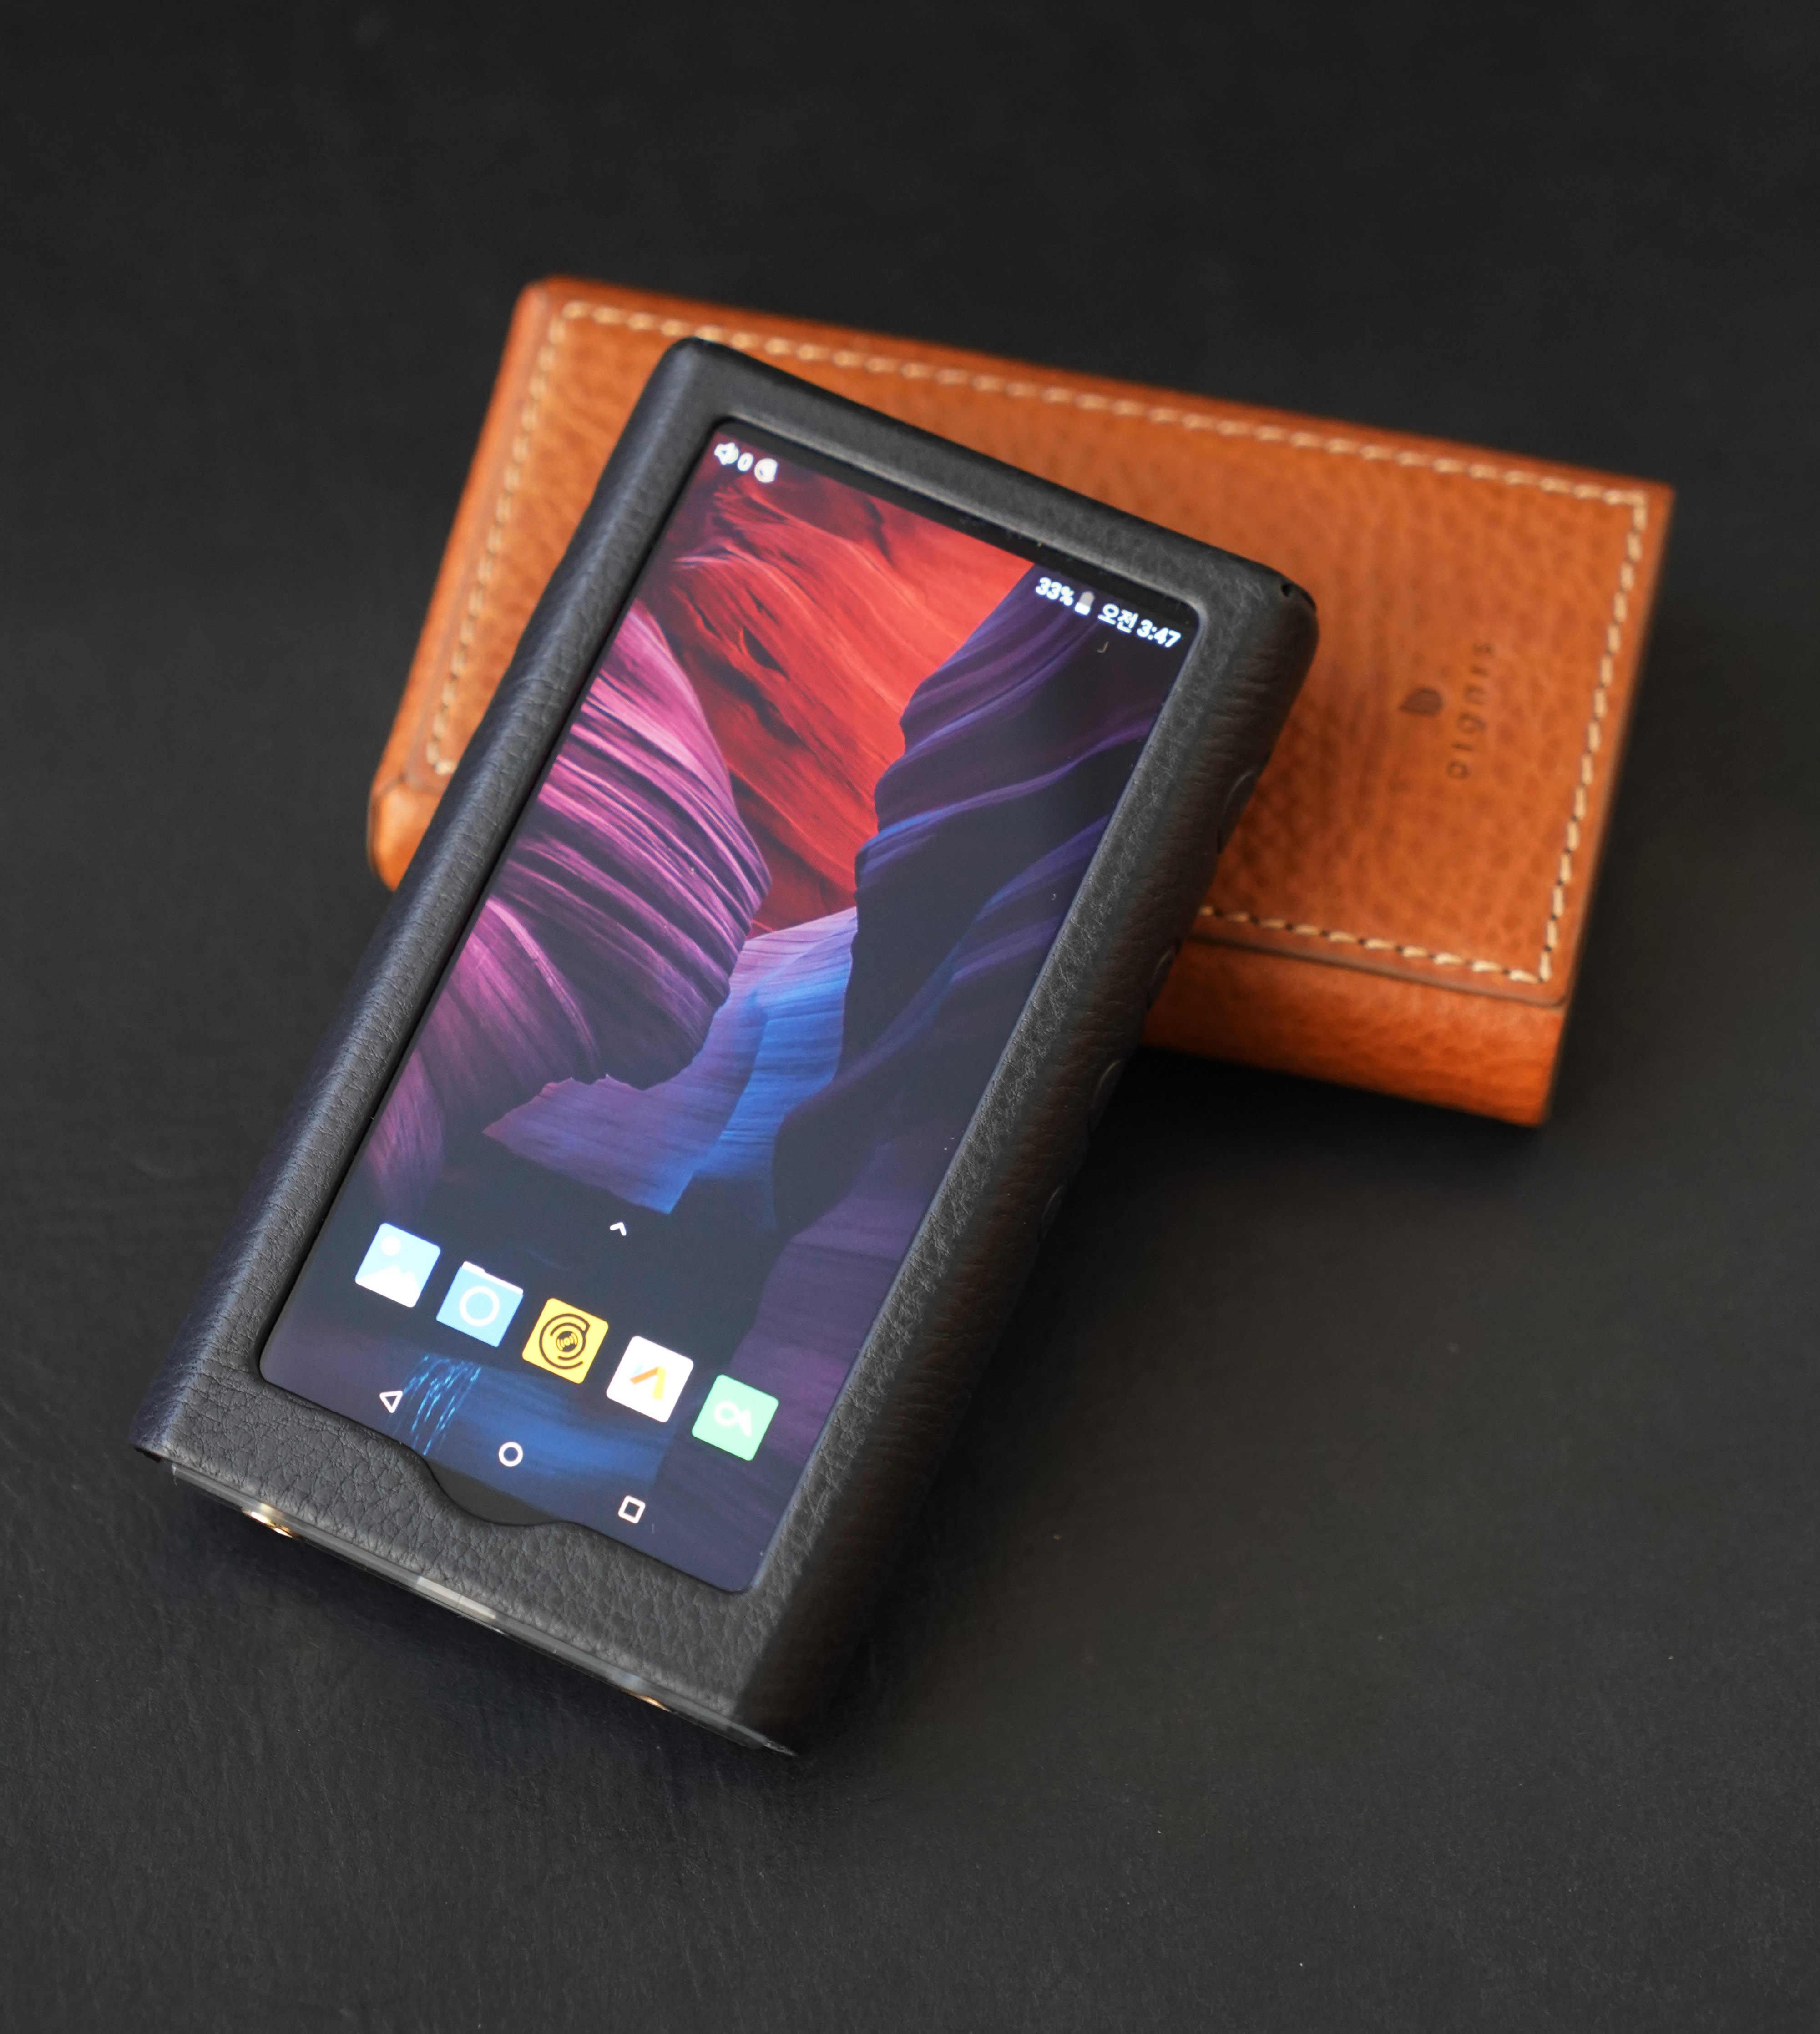 Dignis deri kılıf HiBy R5 yüksek çözünürlüklü ses taşınabilir oyuncu yüksek çözünürlüklü müzik çalar Bluetooth MP3 çalar HiFi